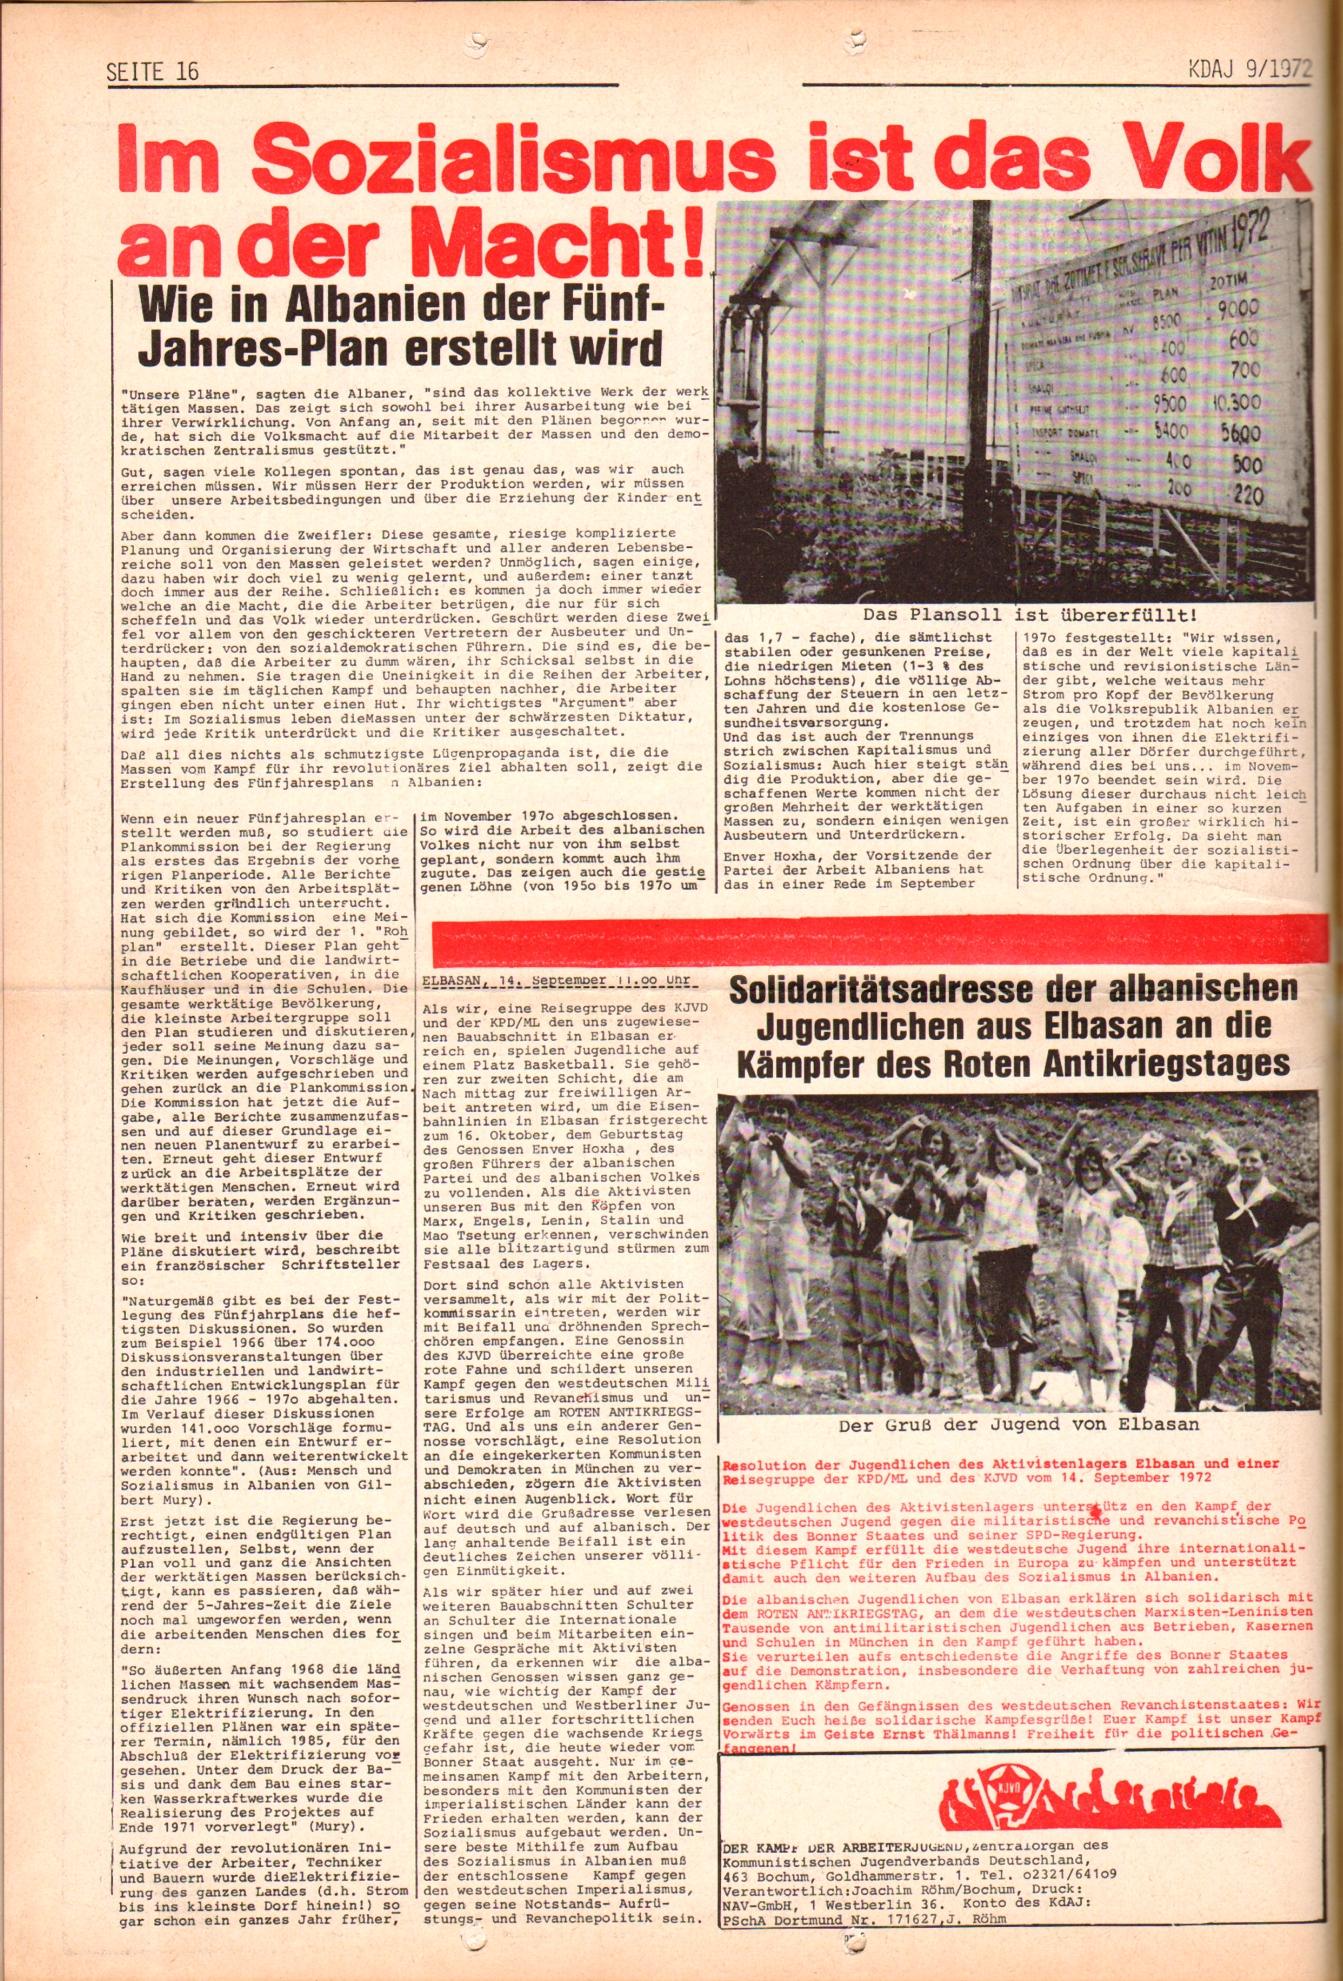 KJVD_KDAJ_1972_09_16